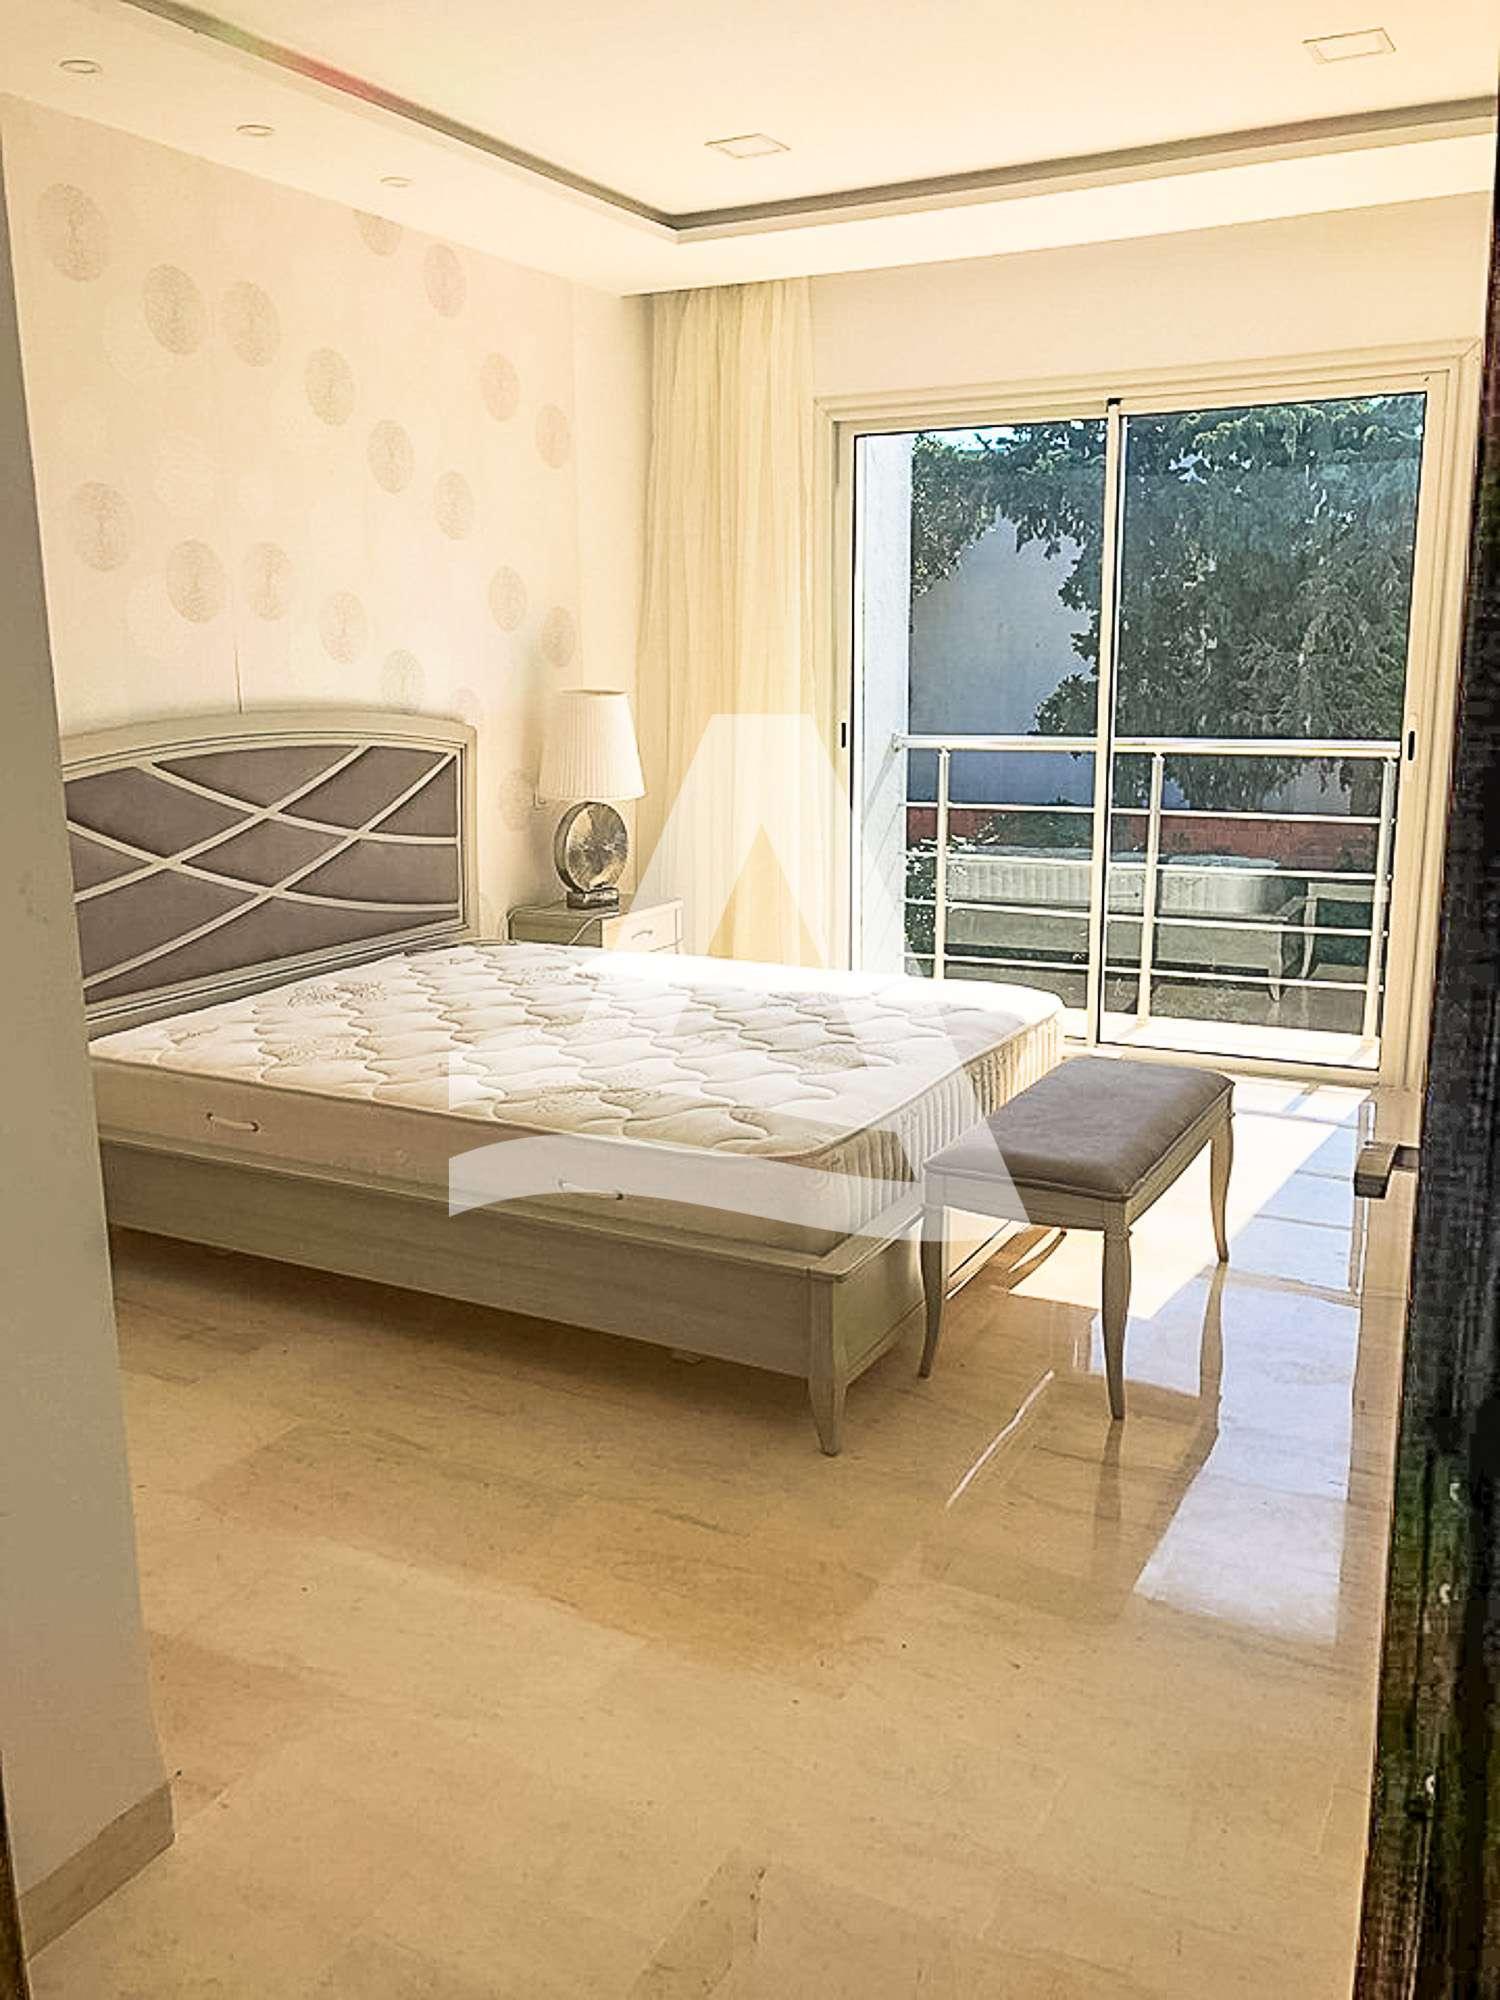 httpss3.amazonaws.comlogimoaws1548533461631174992_Arcane_immobilière_la_Marsa-_location_-_vente_la_marsa__-4_1576661103155-1